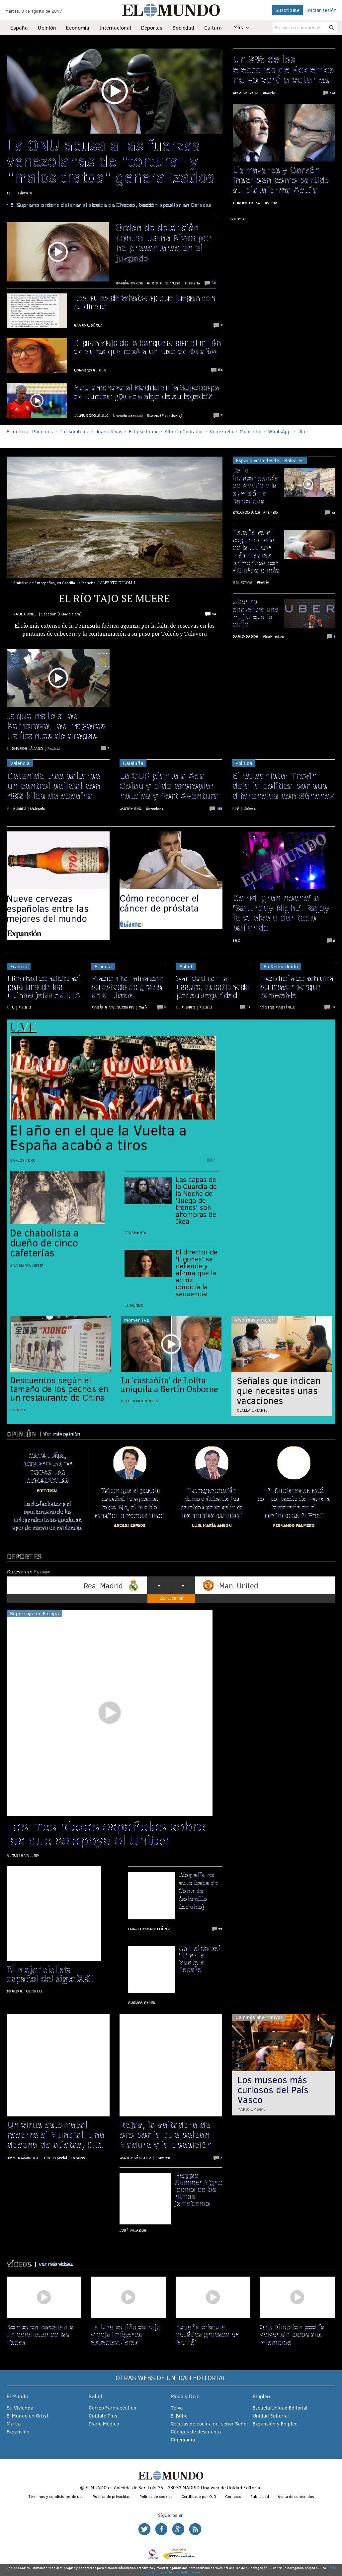 El Mundo at Tuesday Aug. 8, 2017, 1:12 p.m. UTC